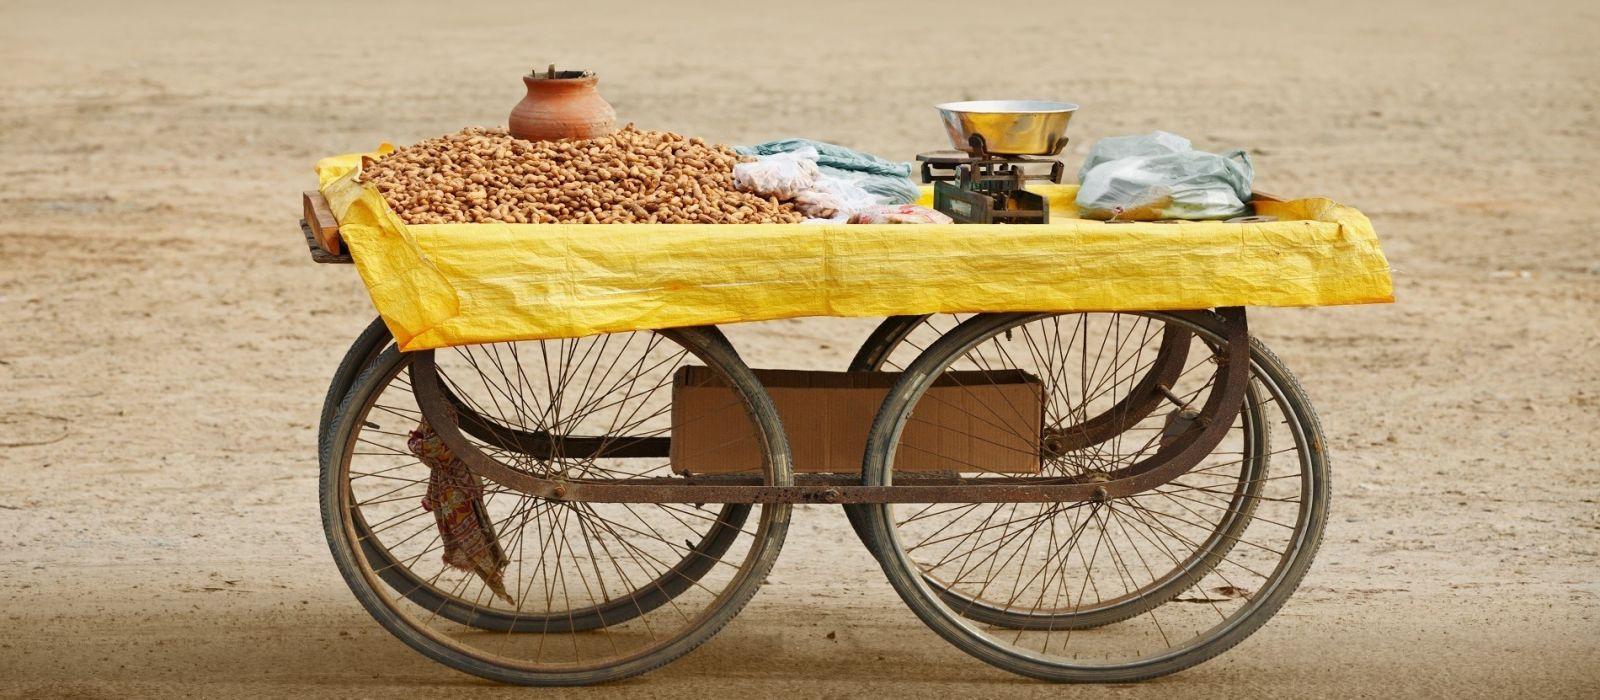 Gourmetreise – Nordindien für Feinschmecker Urlaub 6